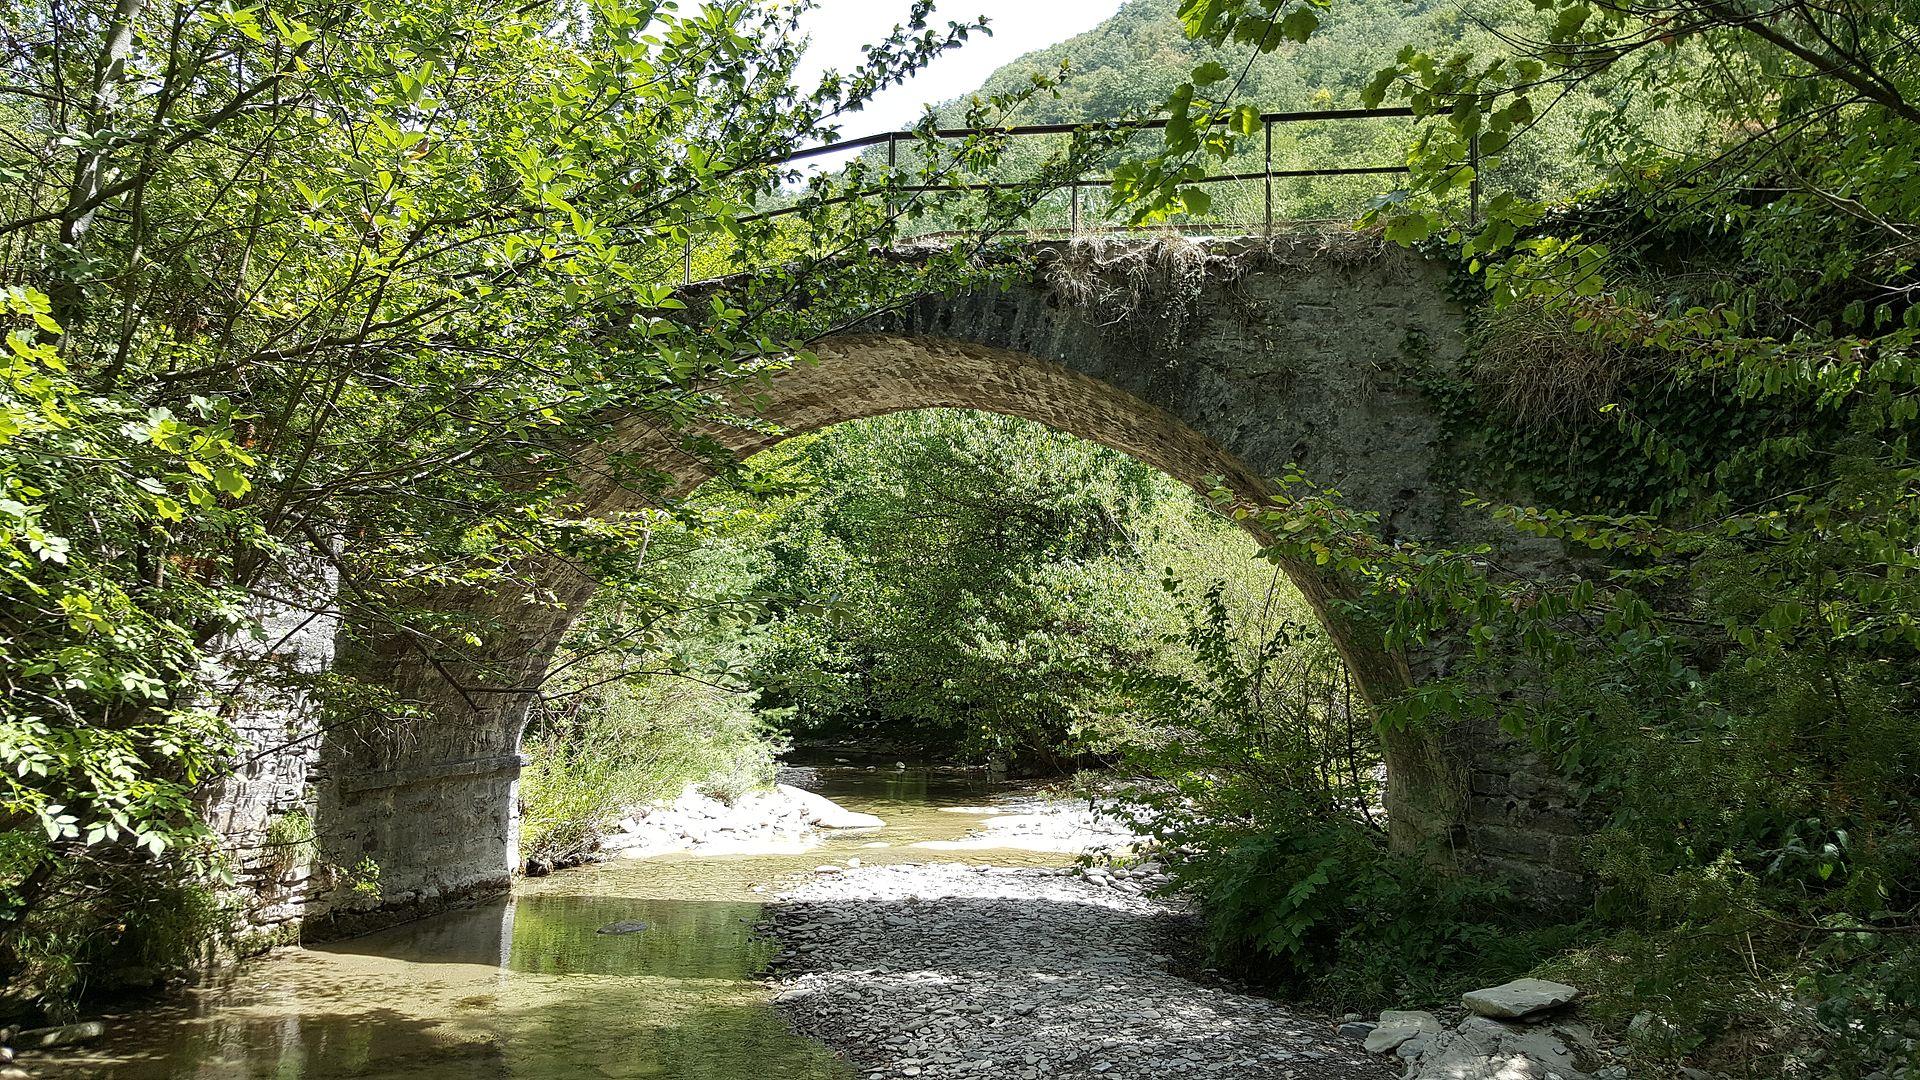 ponte sul fiume Savio da Gualchiere a Nasseto